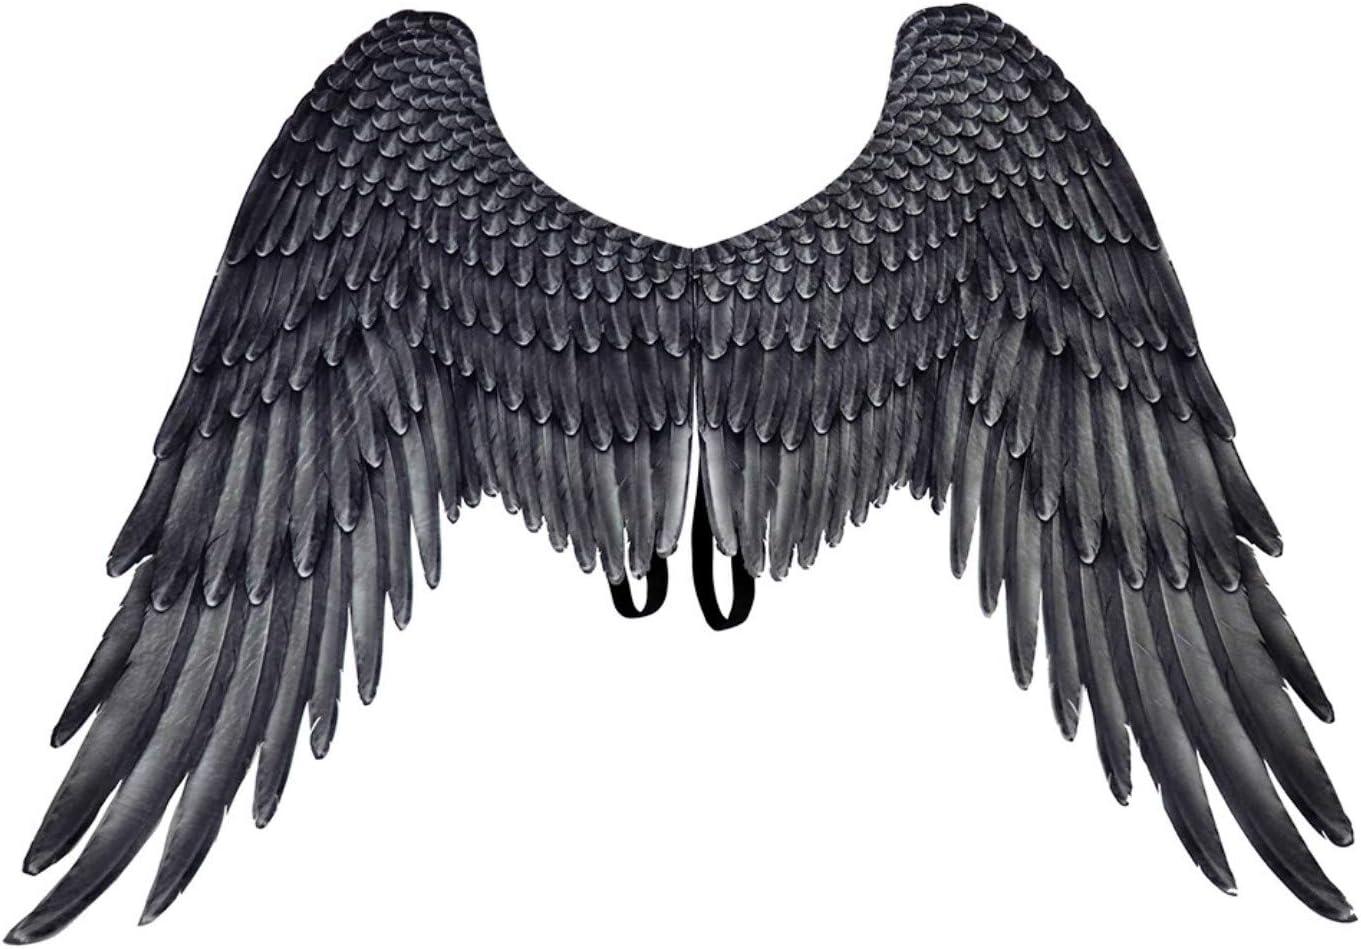 Maxi negro 105 cm x 75 cm Alas de /ángel Halloween Parthan plumas de /ángel para fiestas de Navidad